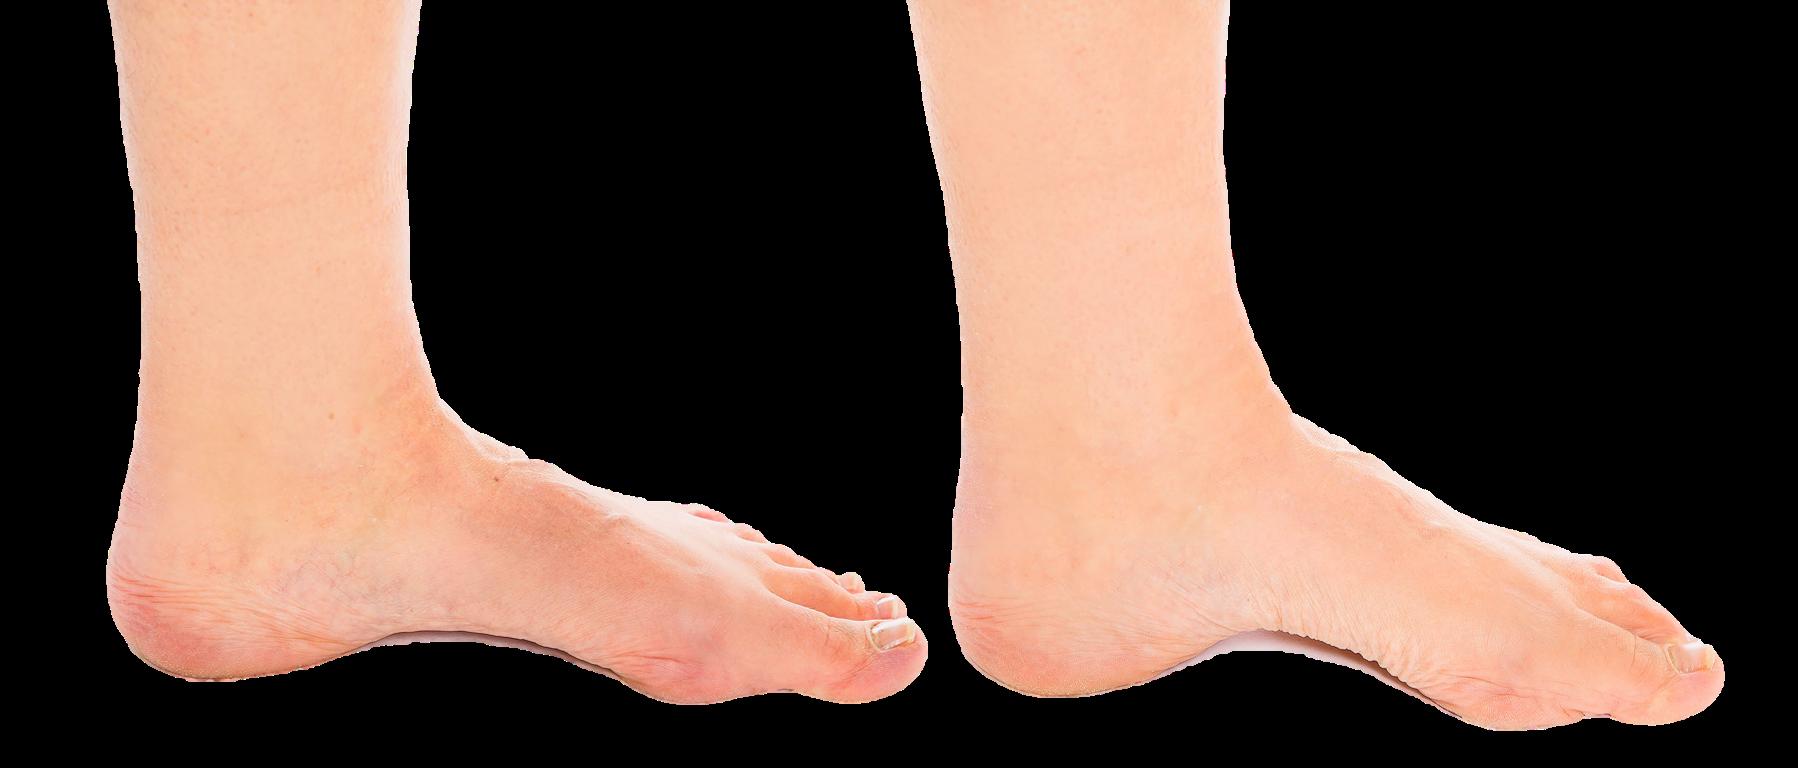 Jalkaterä ensin lepoasennossa lattiaa vasten ja sitten aktivoituneena harjoitteeseen.